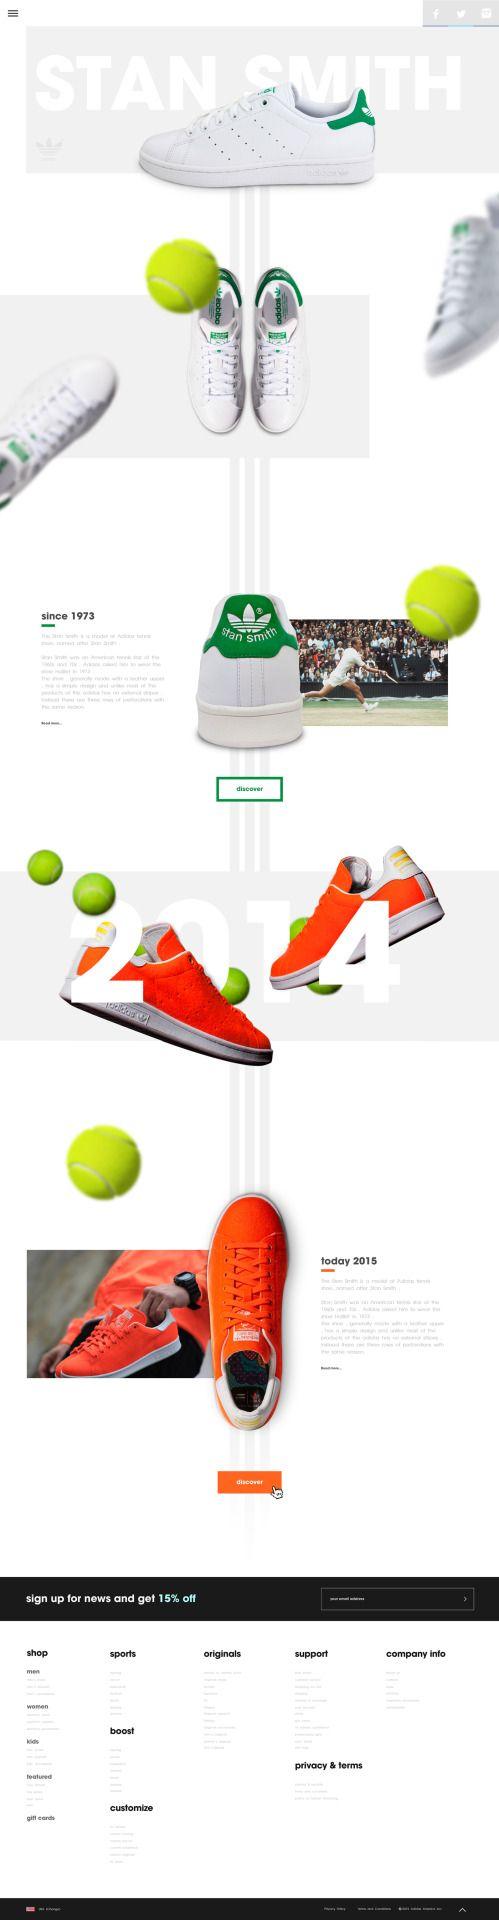 Adidas Stan Smith byRosario Sarracino